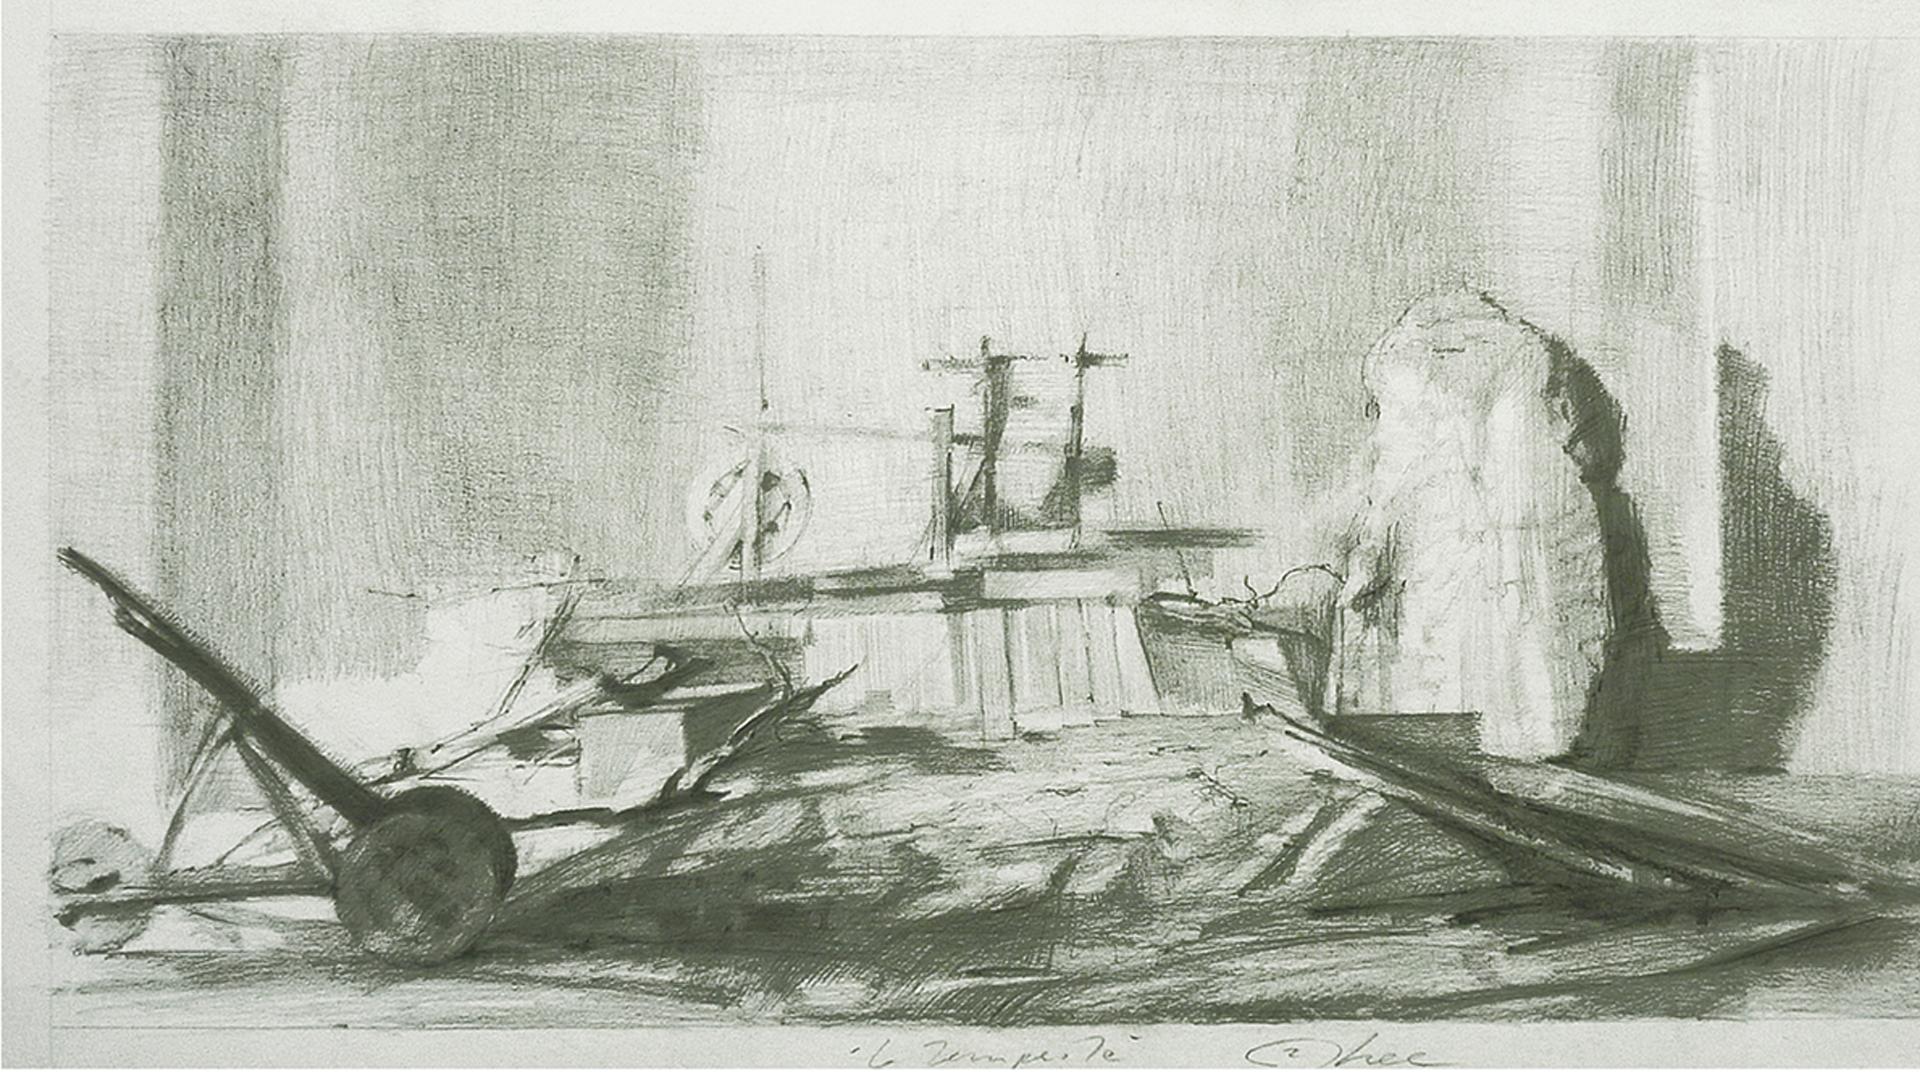 Andrea Mangione, La Tempesta, 2012